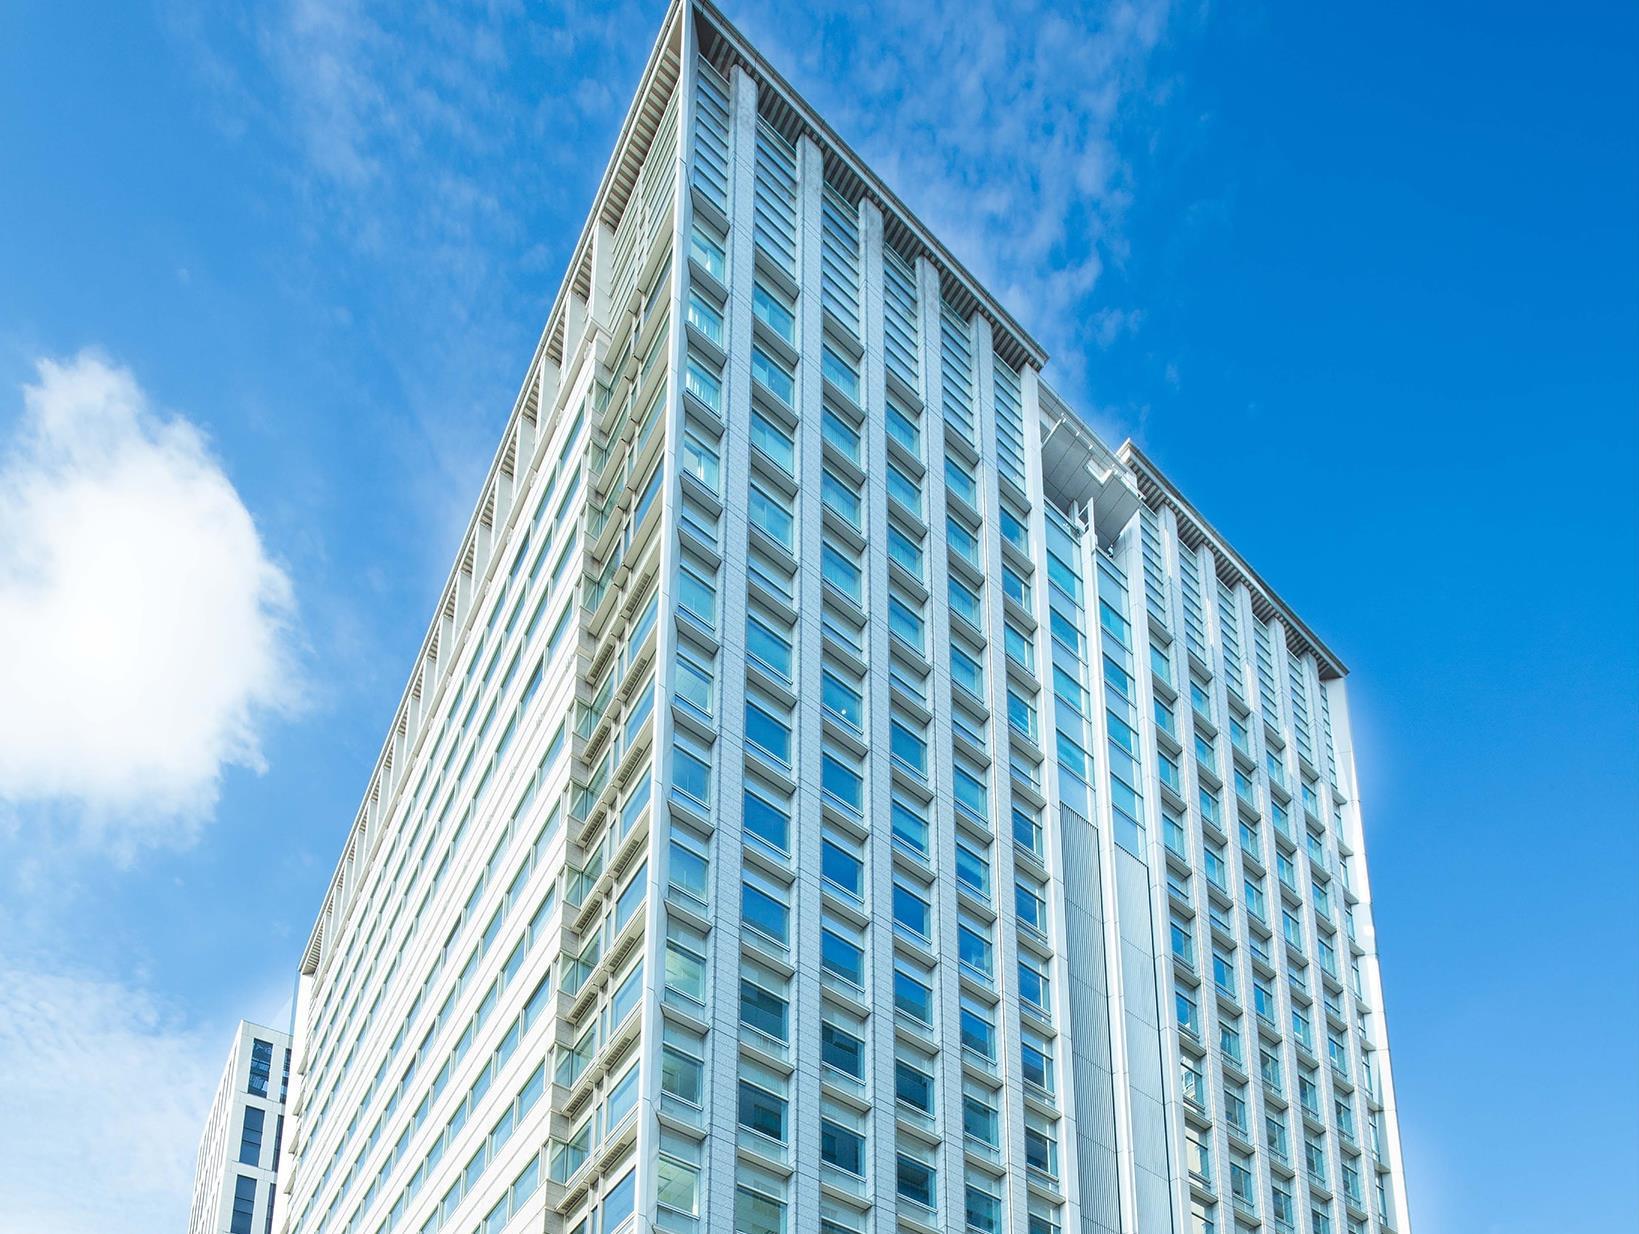 โรงแรมเดอะ เซเลสไตน์ โตเกียว ชิบะ